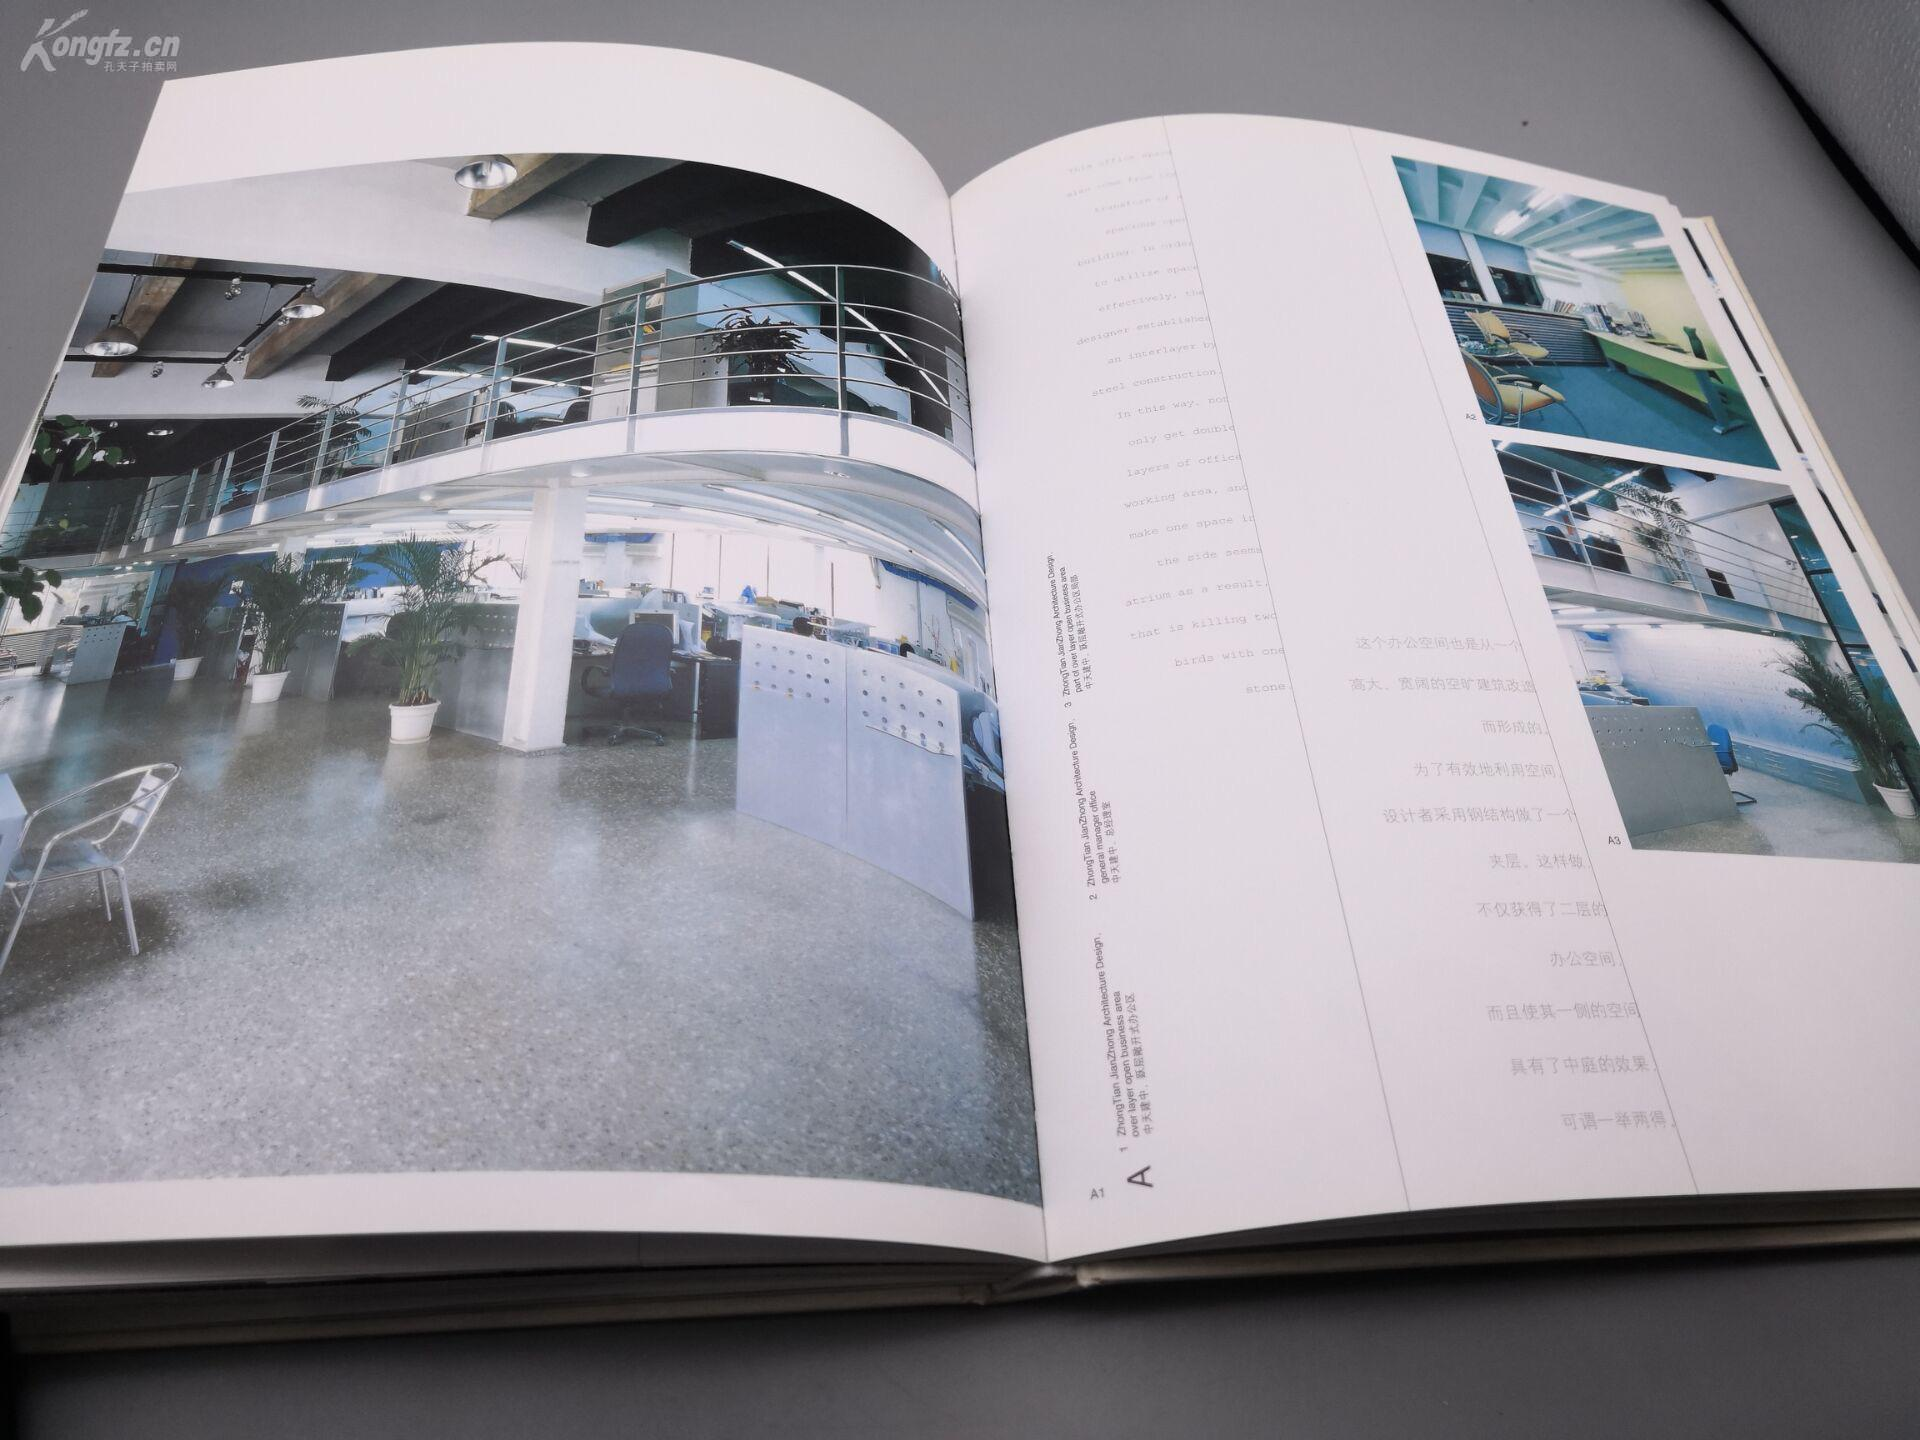 《欧式经典室内设计》2008年版精装版引进法餐具筷子包装设计图片